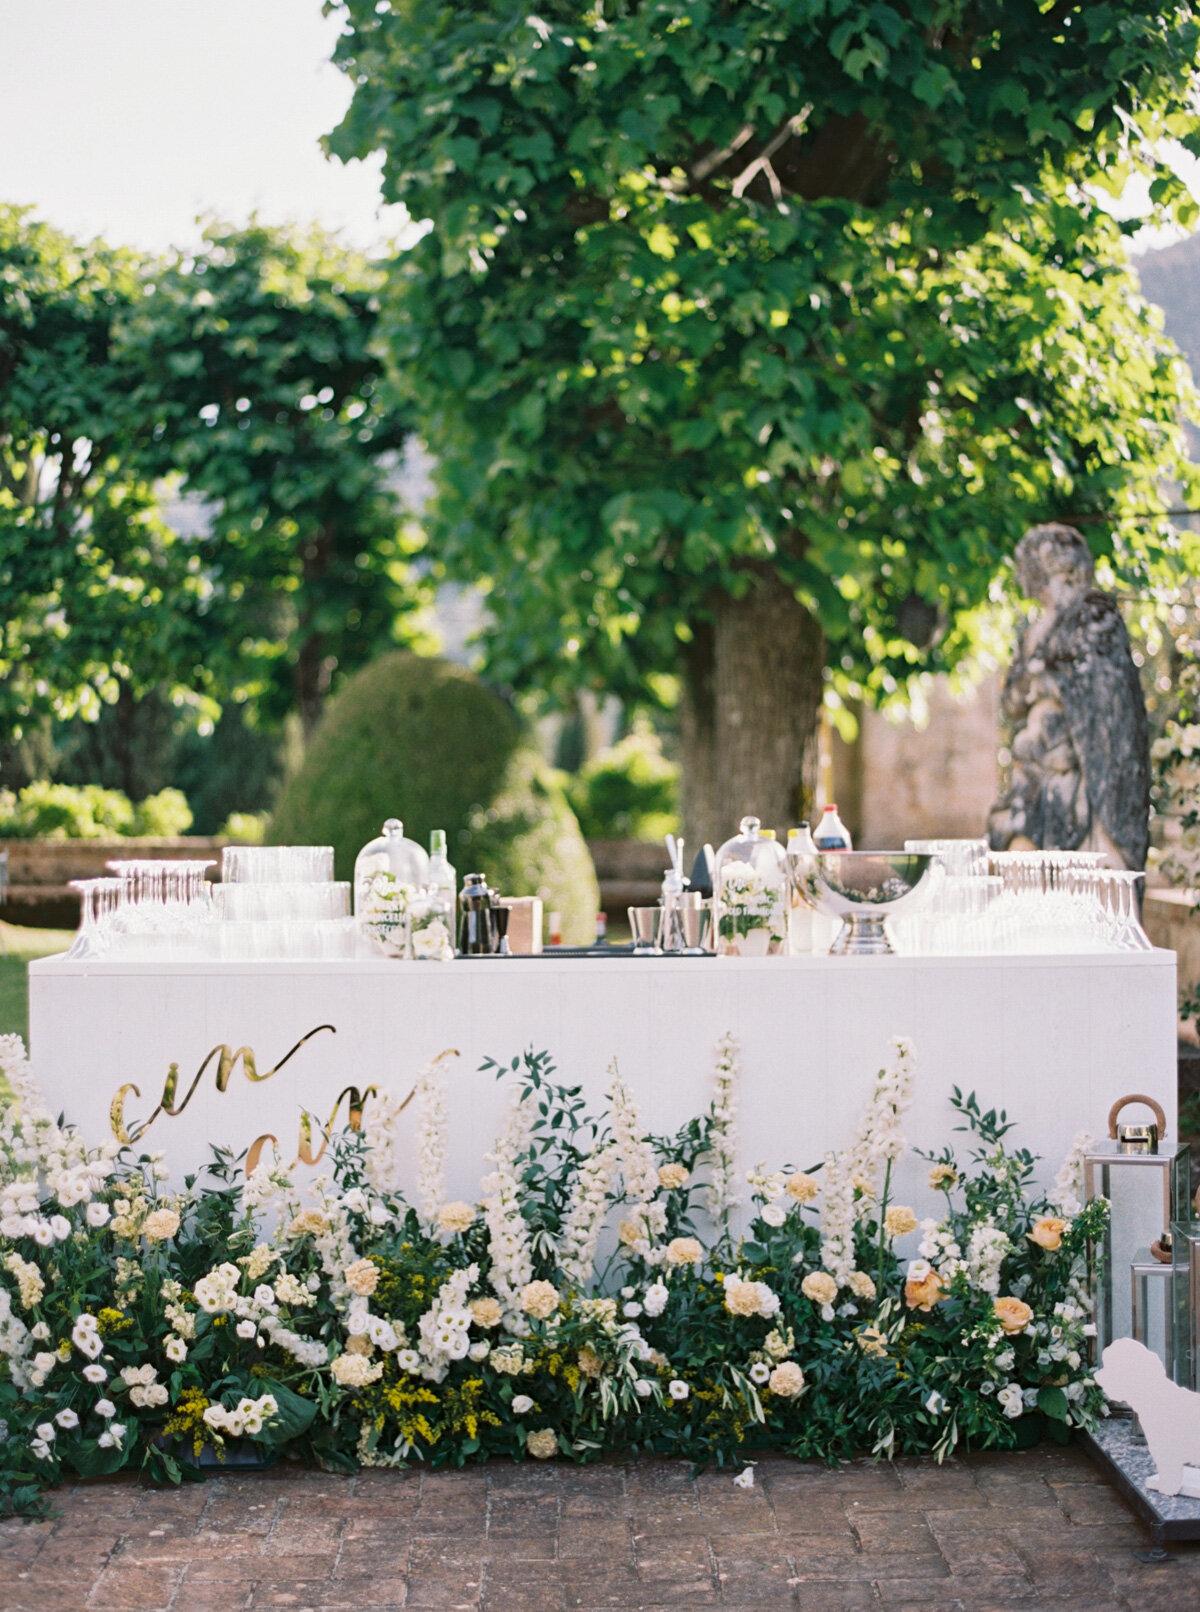 Villa-Cetinale-Tuscany-Katie-Grant-destination-wedding (96 of 115).jpg